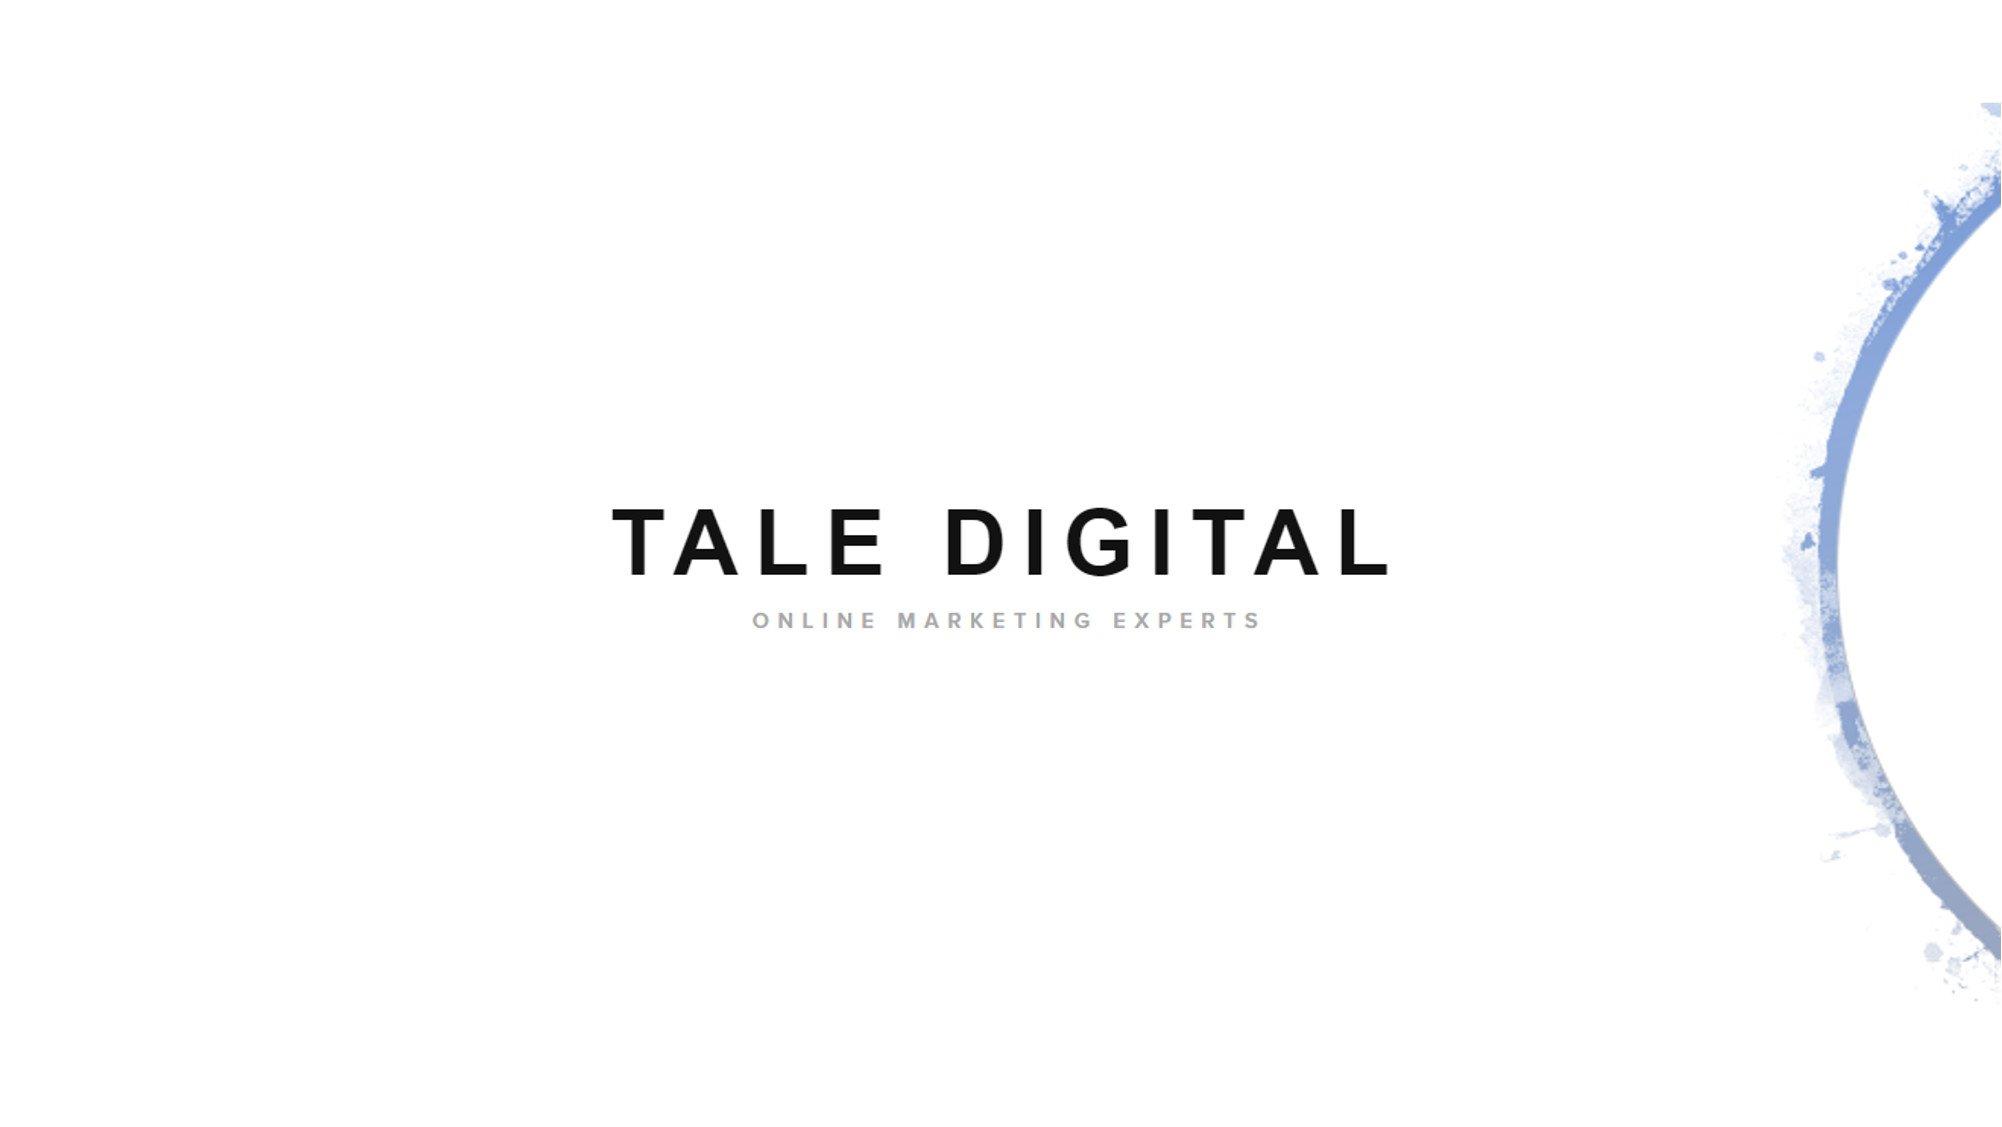 tale digital logo